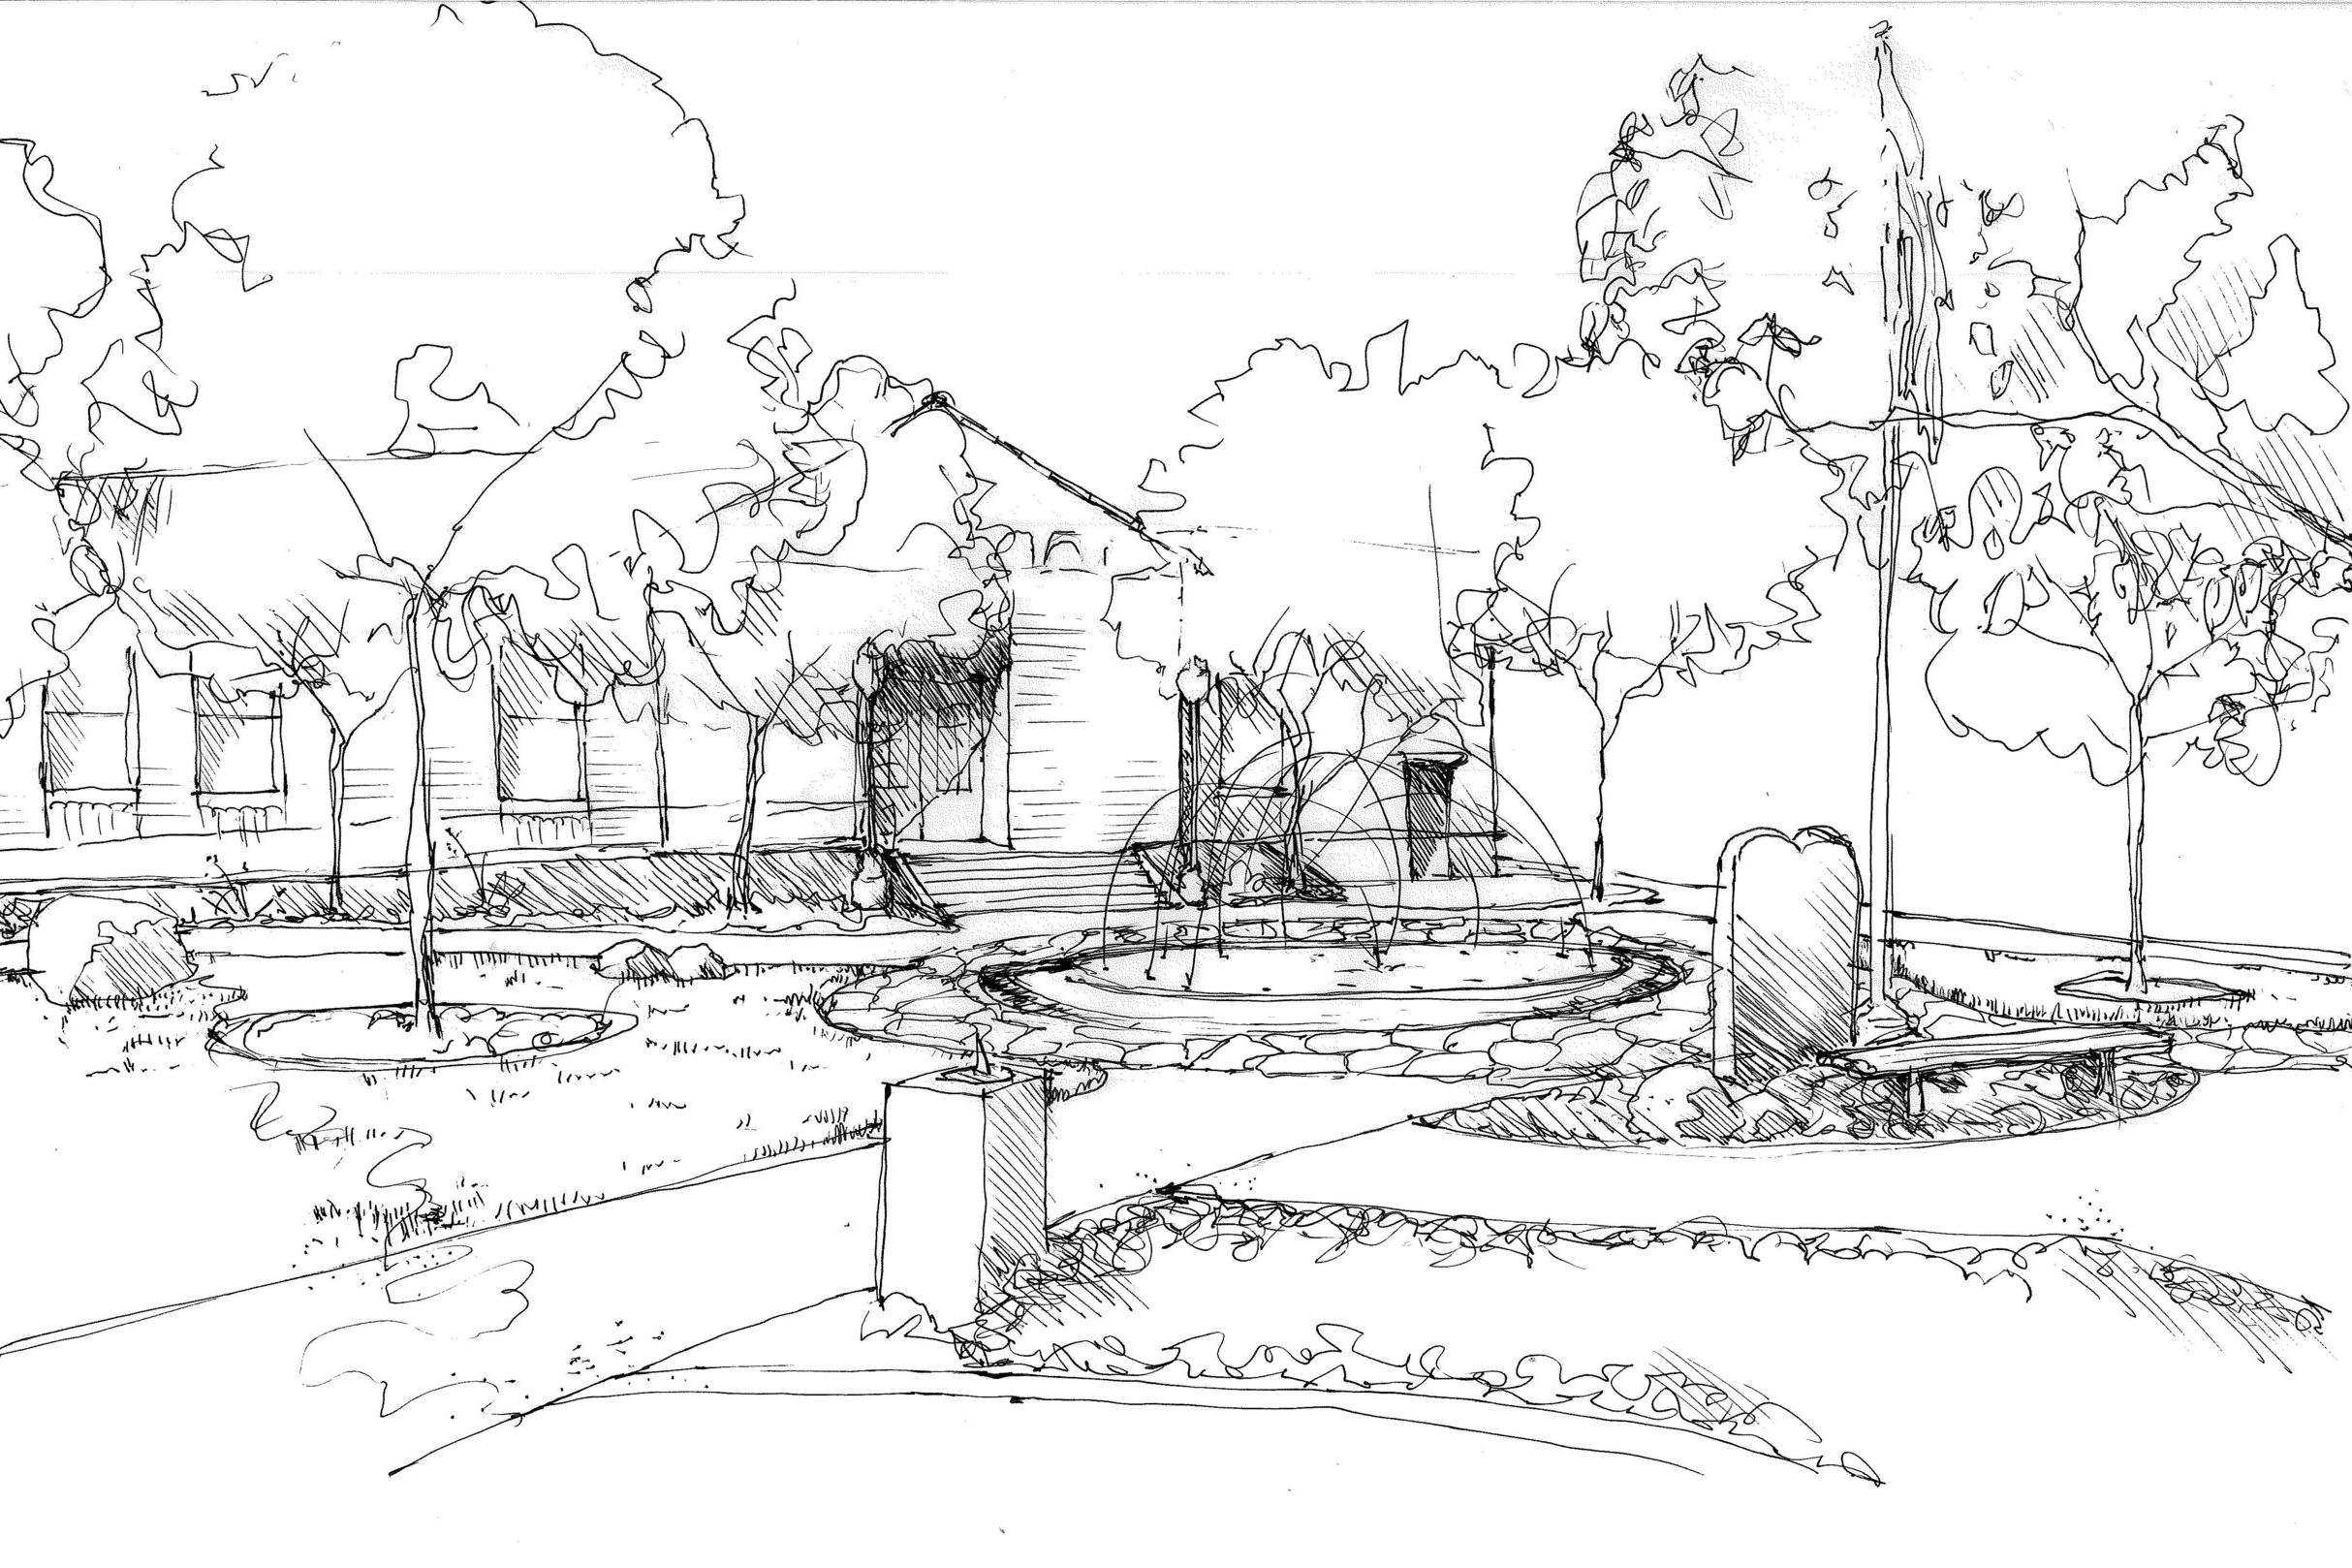 Fallon City Hall Fountain Sketches | Lumos, Inc